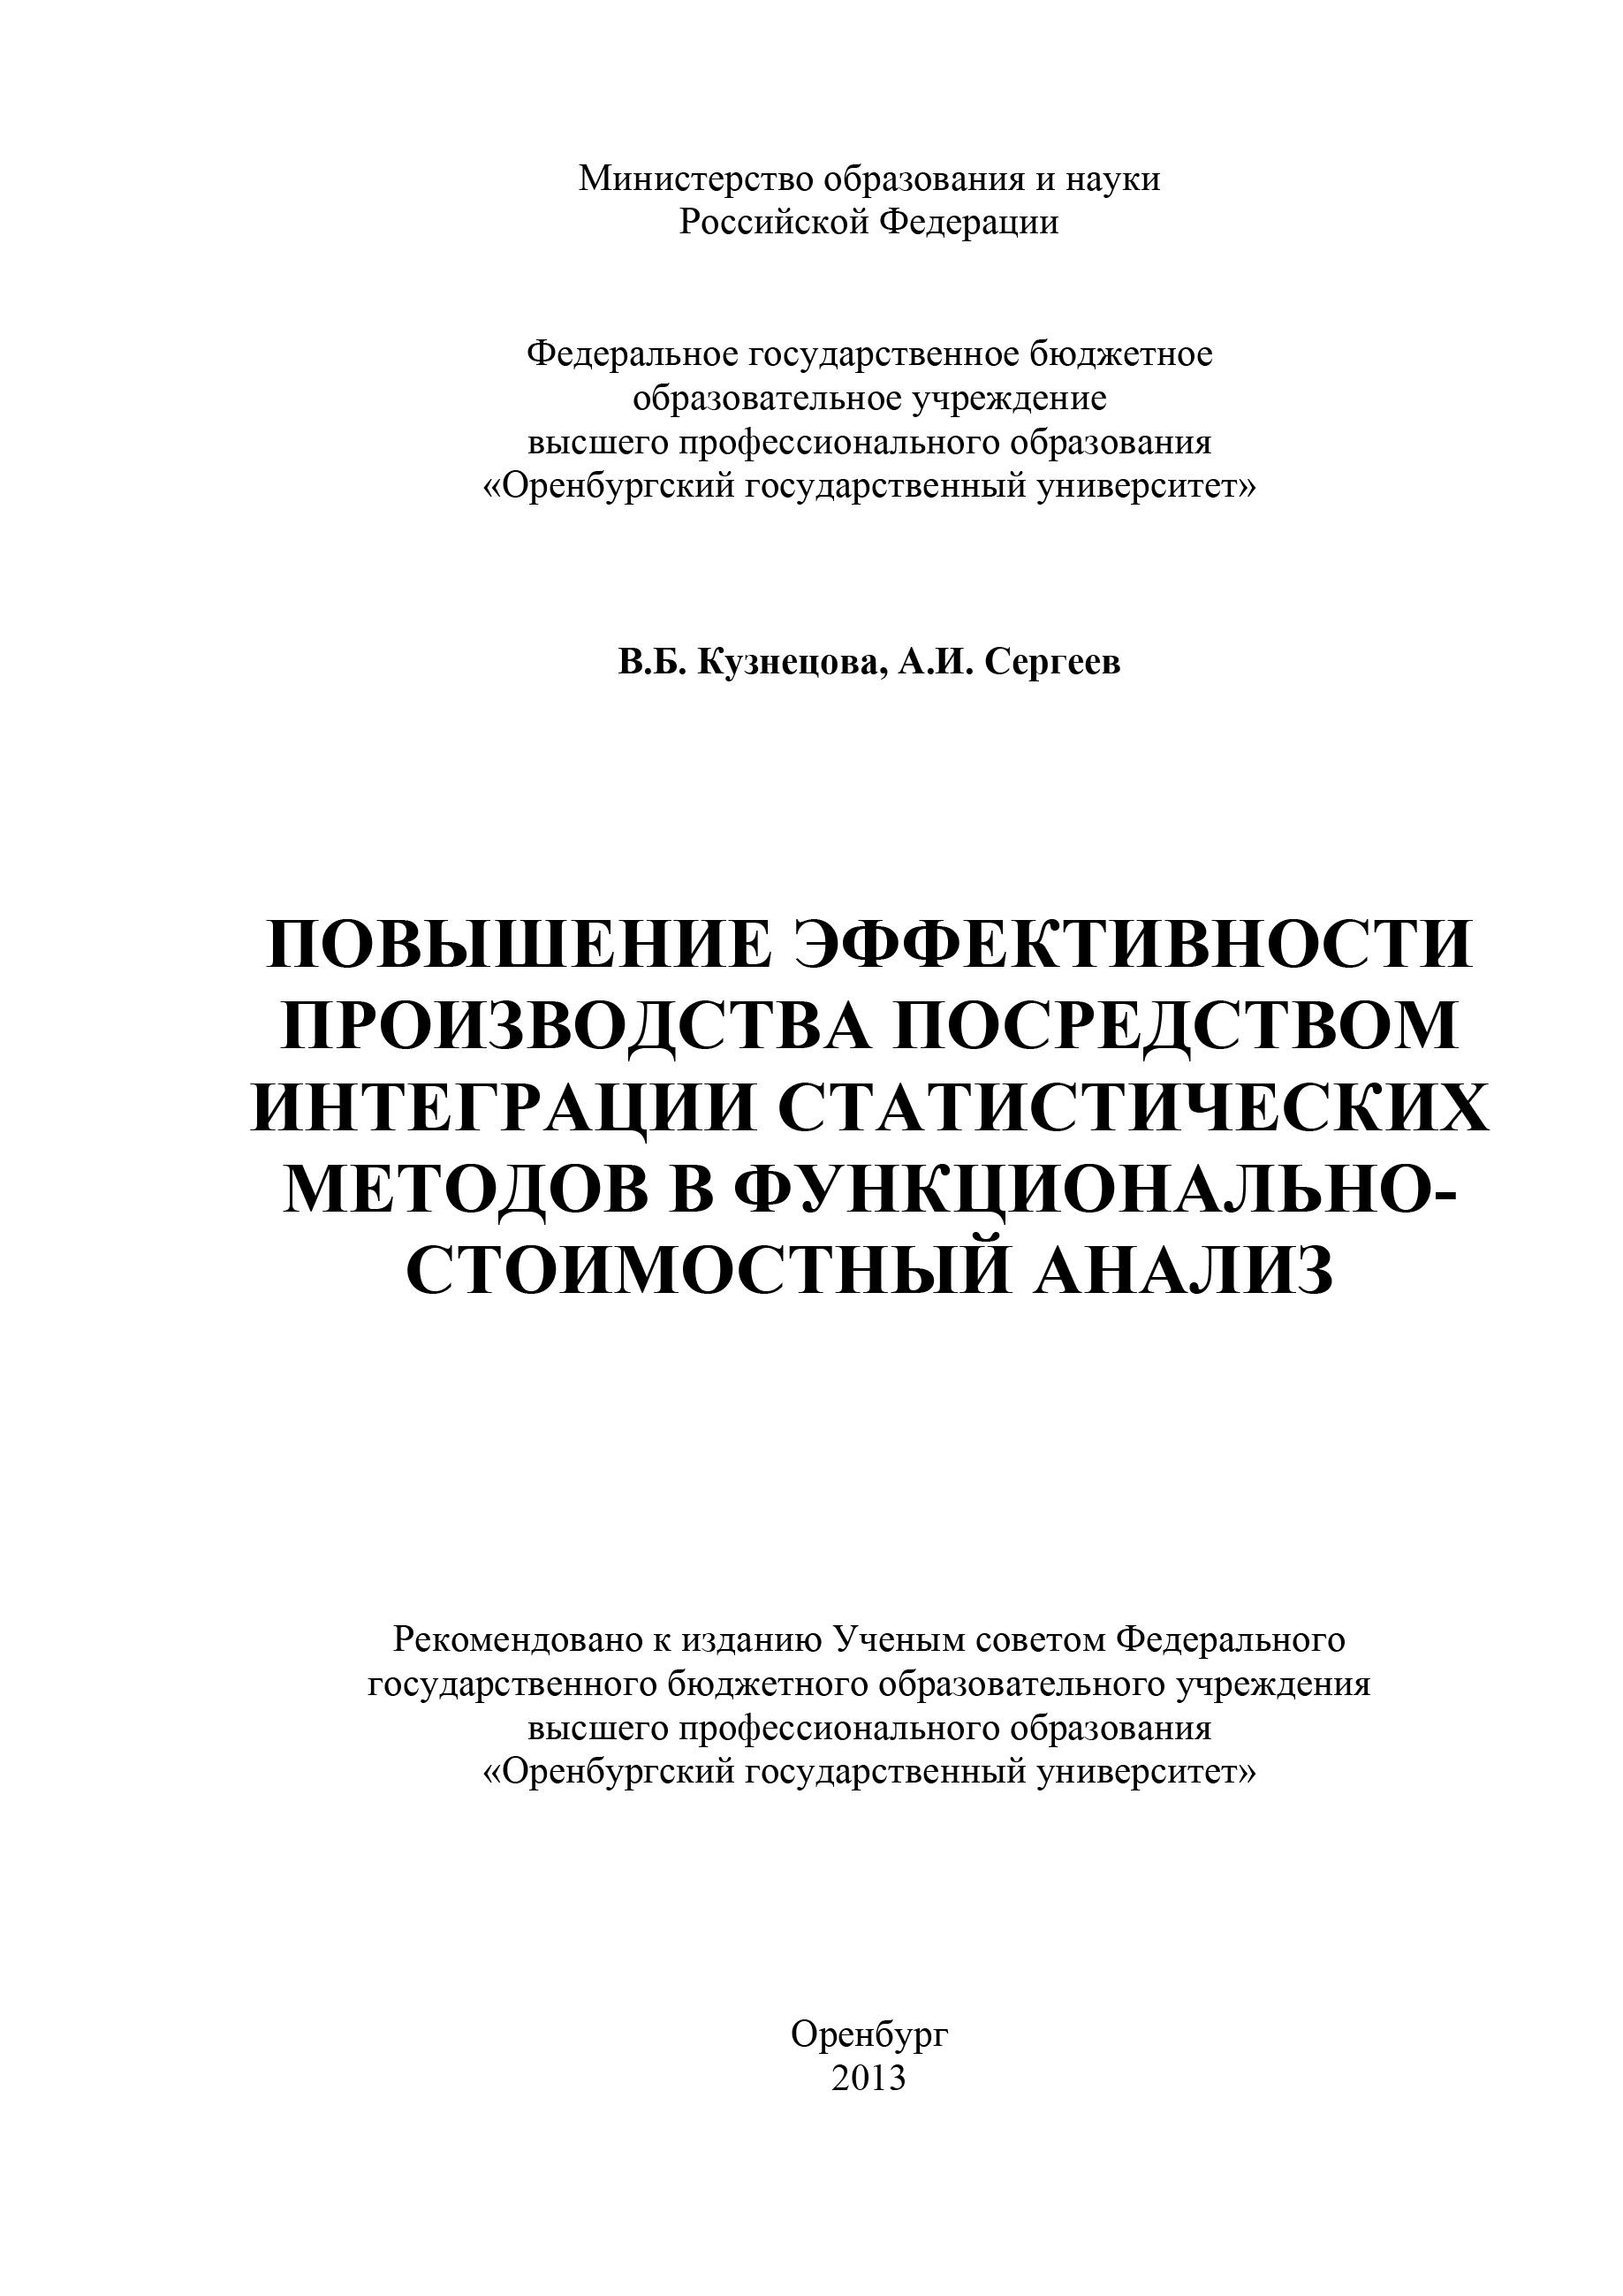 В. Б. Кузнецова Повышение эффективности производства посредством интеграции статистических методов в функционально-стоимостный анализ